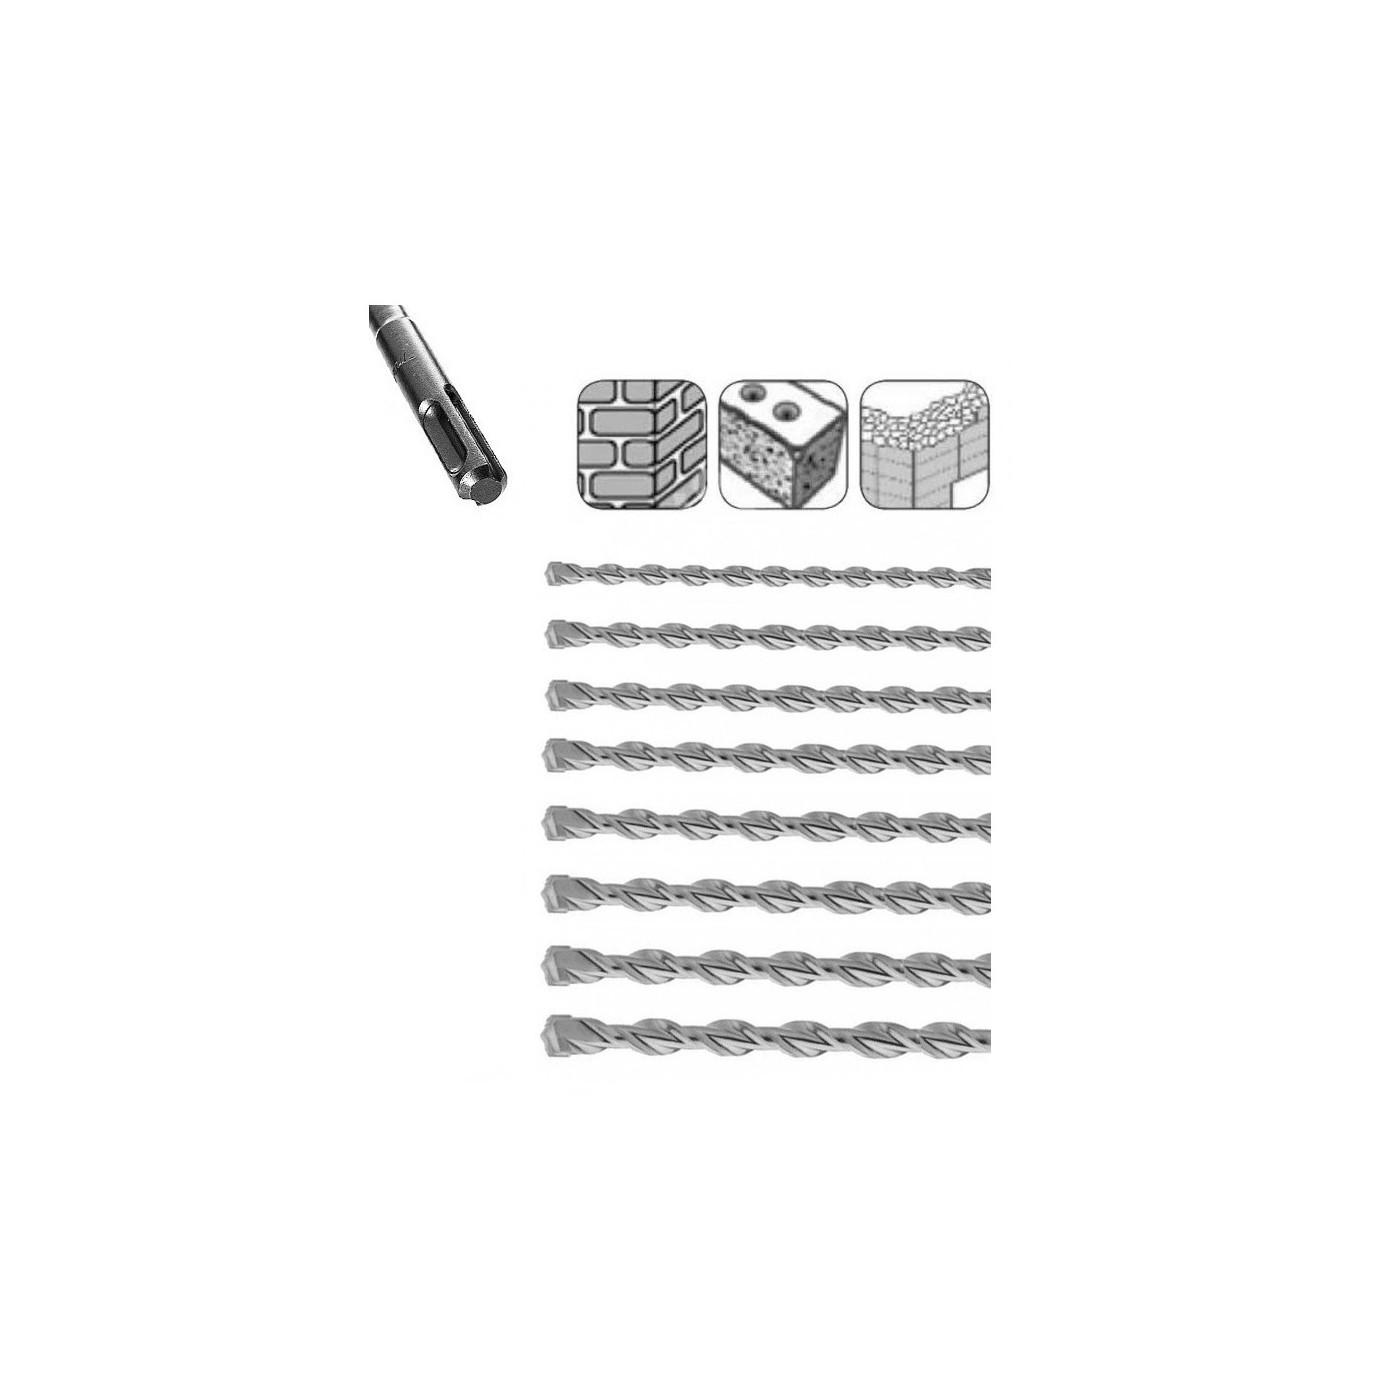 Set extra lange SDS-plus Betonbohrer (8 Stück)  - 1